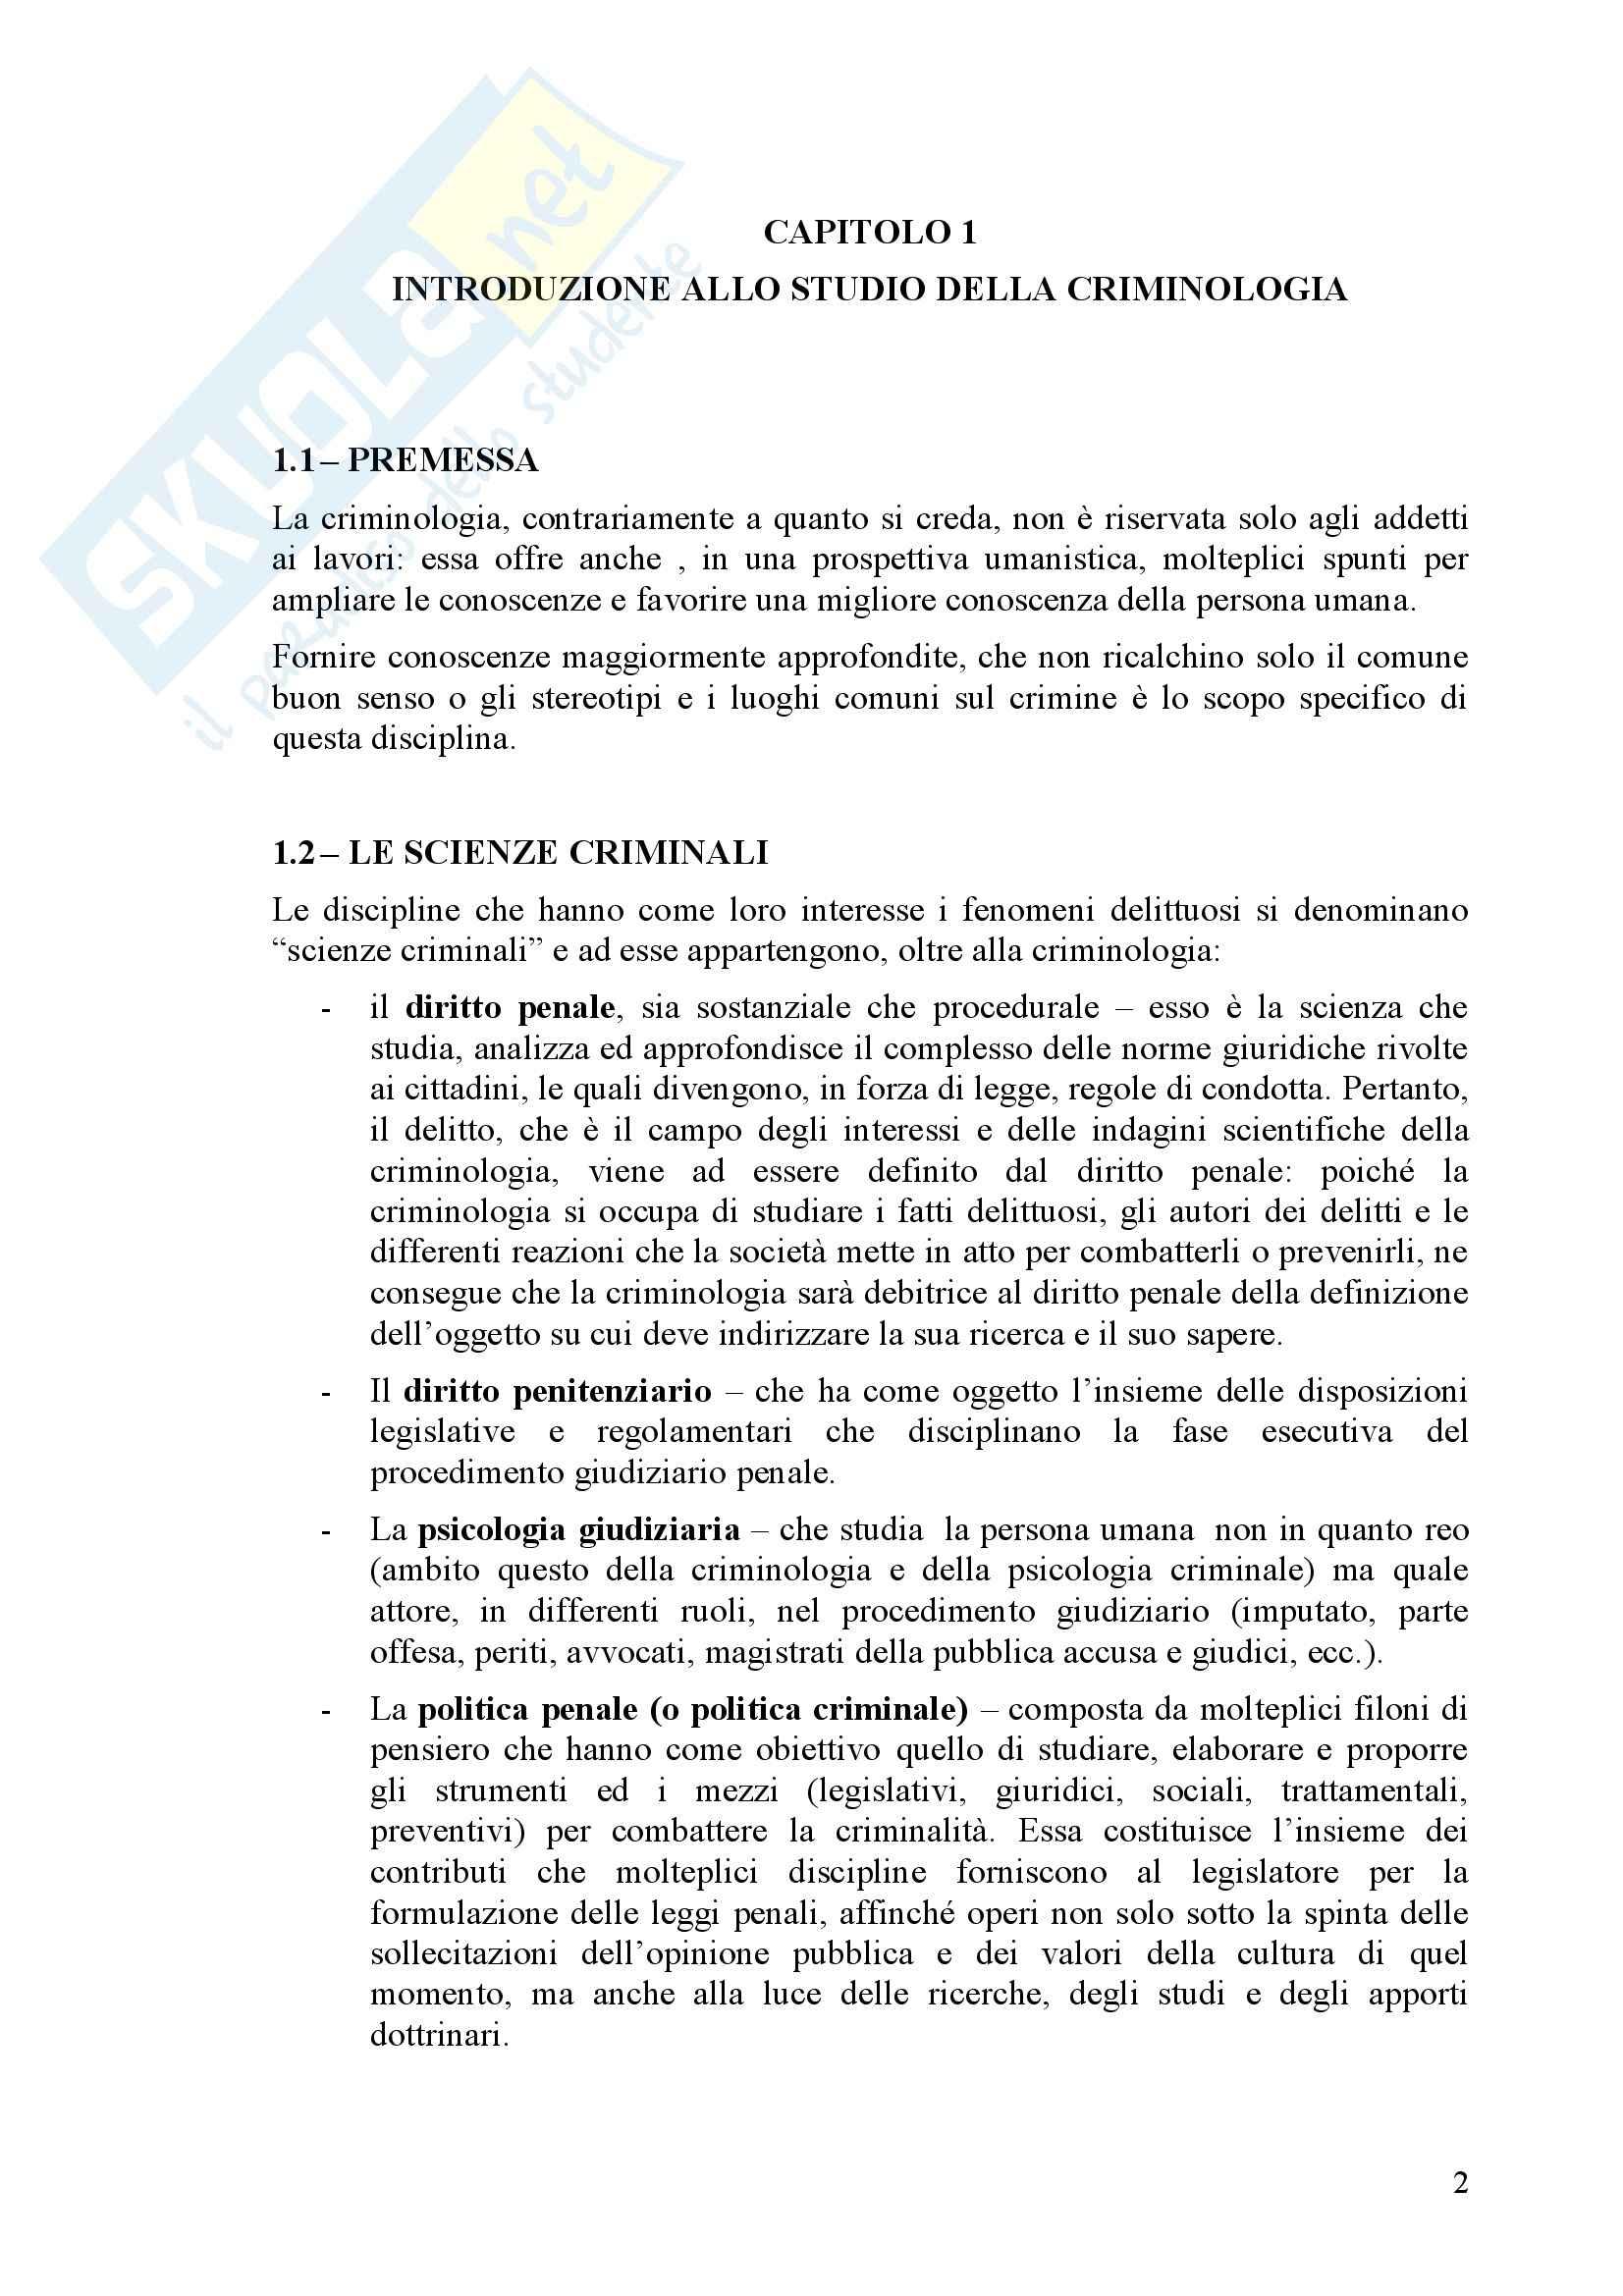 Criminologia - Compendio Pag. 2